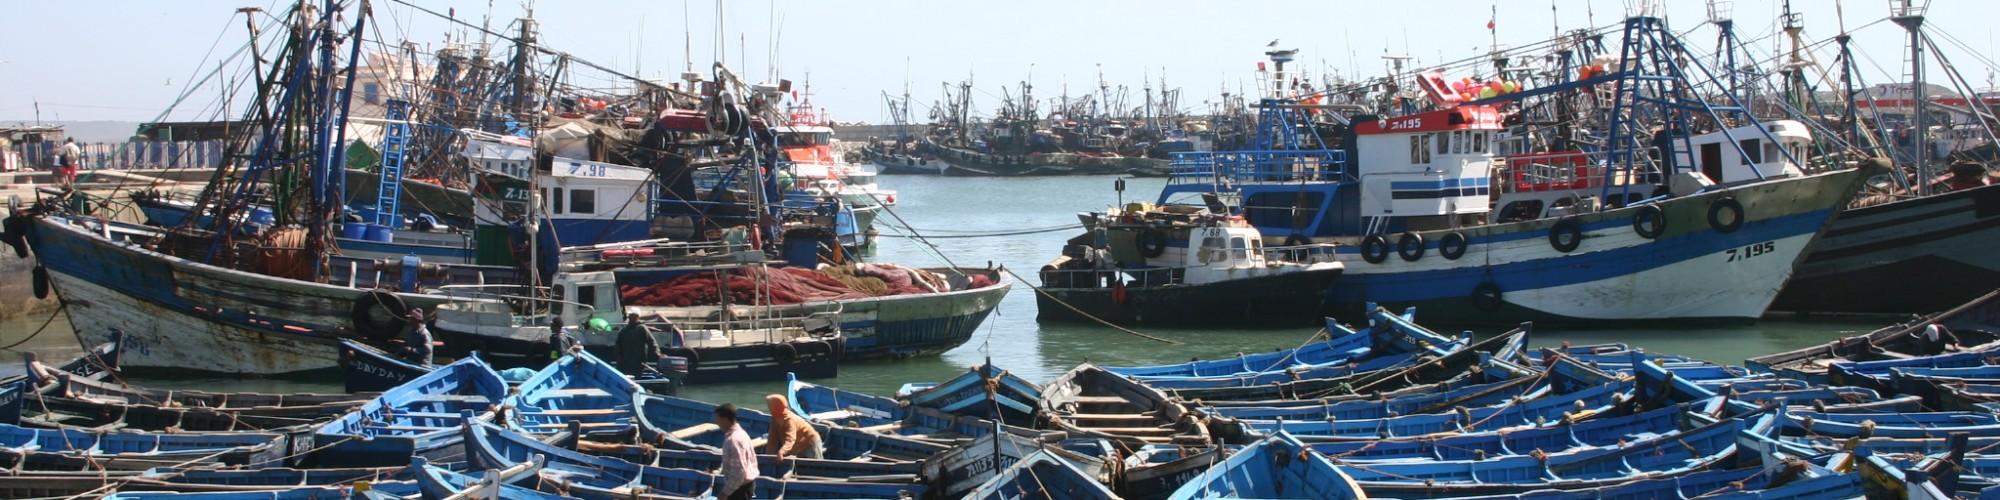 Morocco - Essaouira